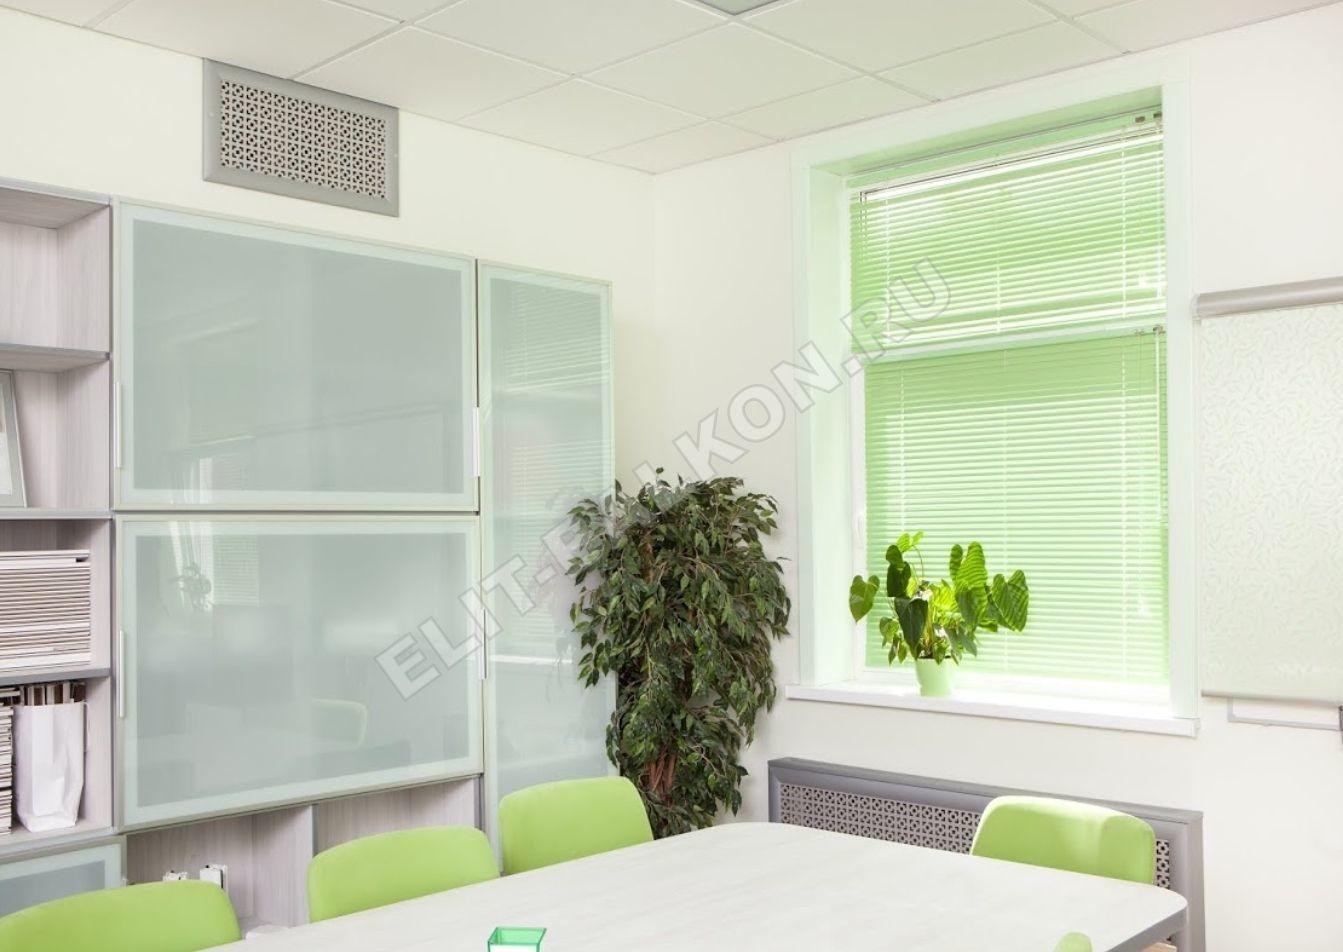 Vnutrennie otkosy na okna PVH QUNELL TSVET BELYJ 1 21 1 - Откосы для окон ПВХ